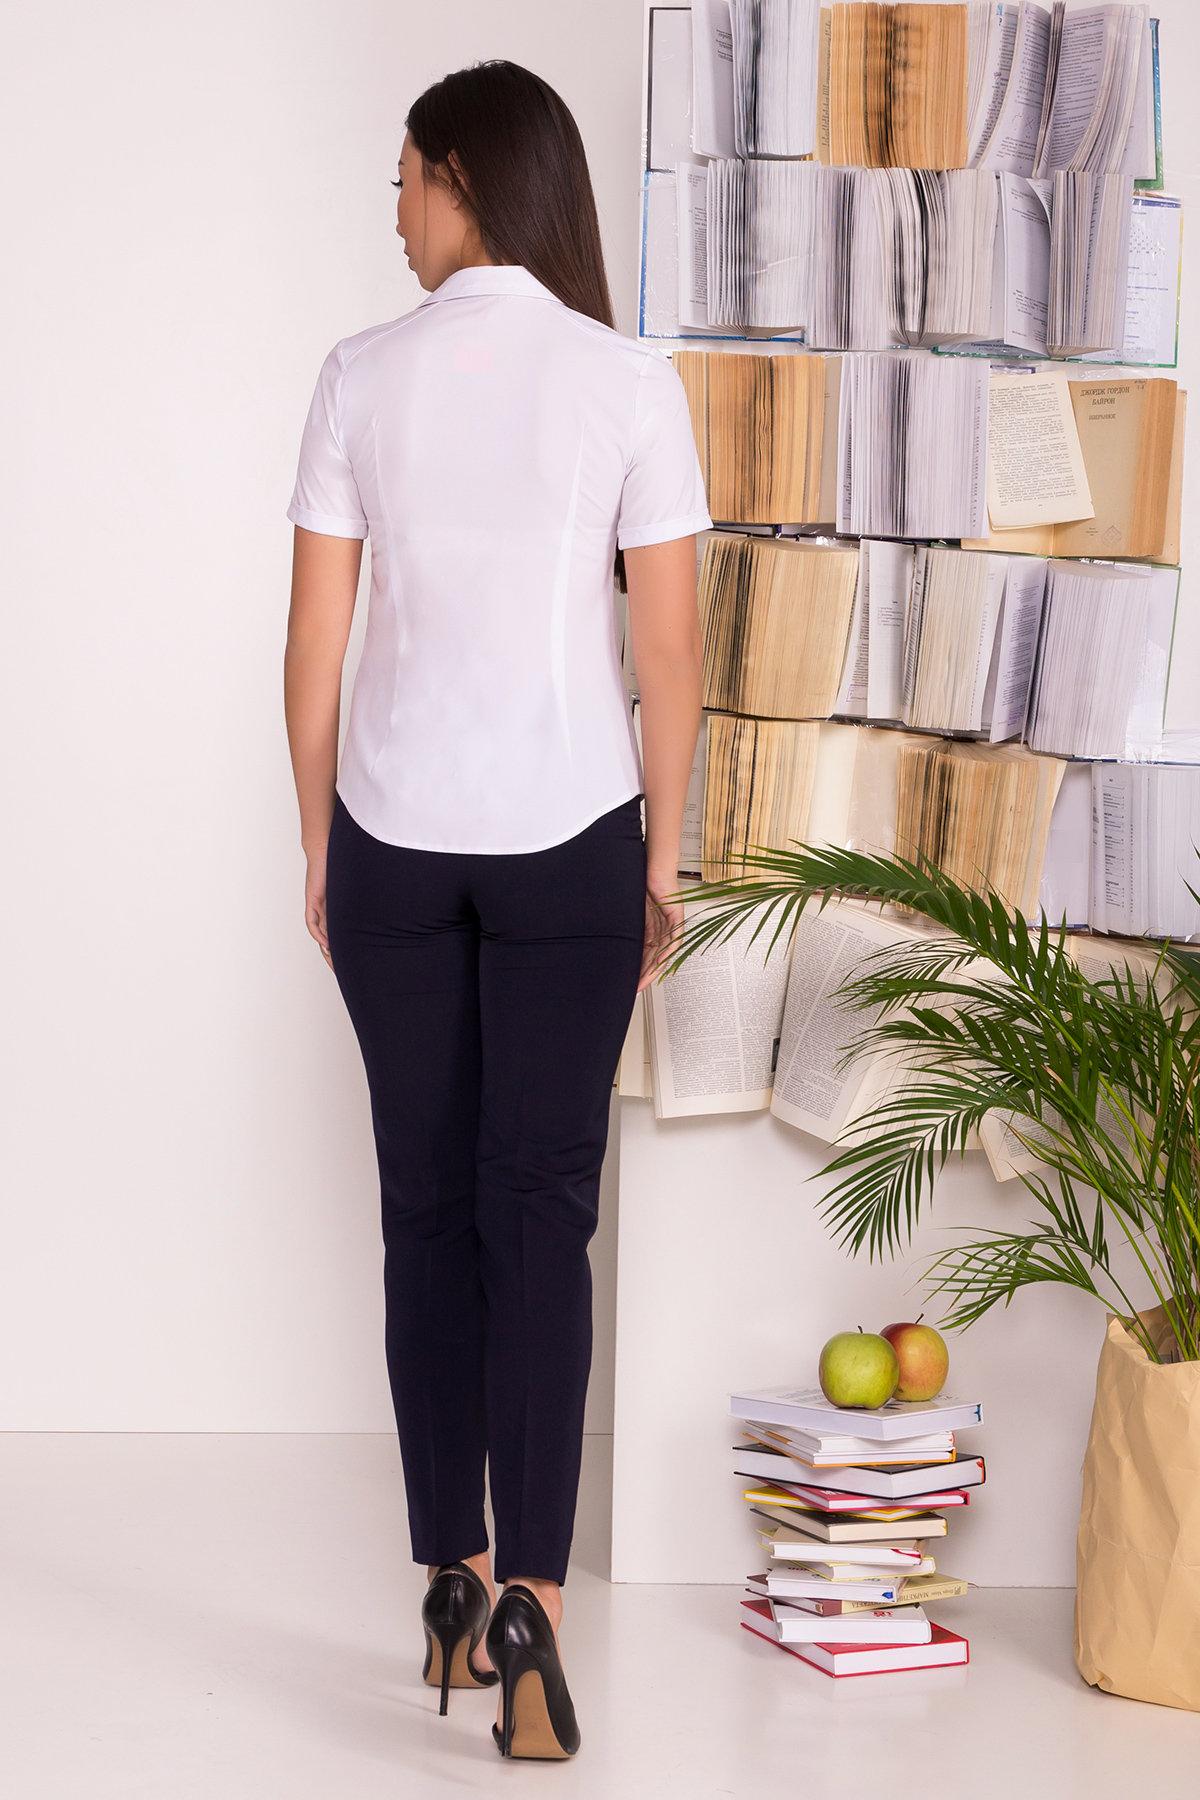 Белая блузка с накладным карманом Дженна 5285 АРТ. 36526 Цвет: Белый - фото 3, интернет магазин tm-modus.ru